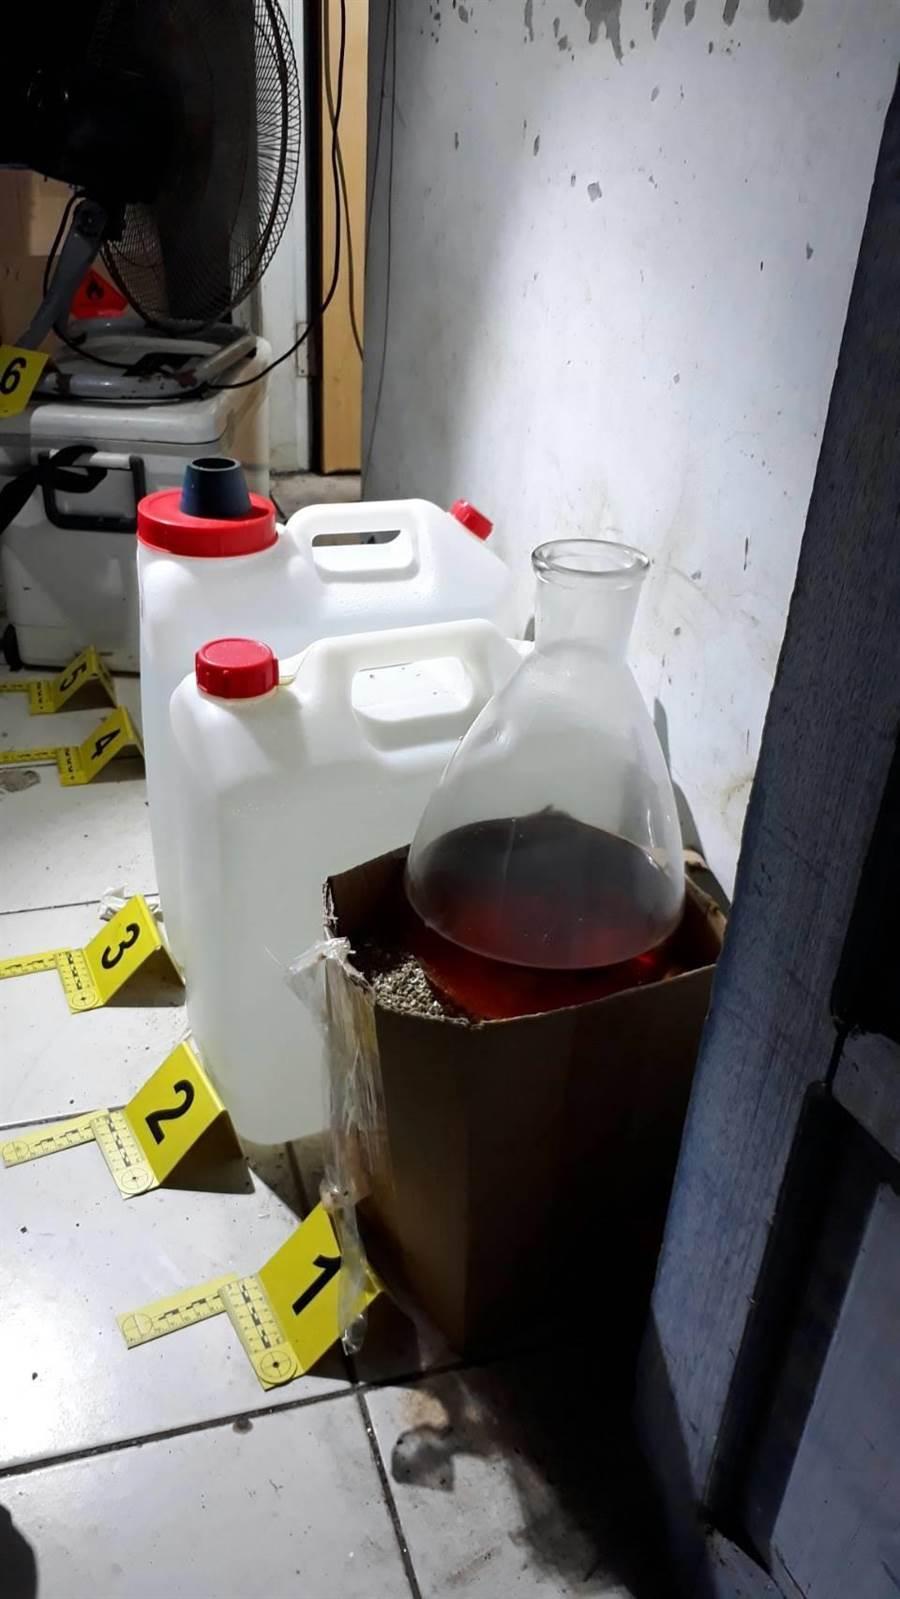 雲林檢警在雲林台西一魚塭工寮查獲毒品工廠,查扣原料及成品與工具等。(許素惠翻攝)